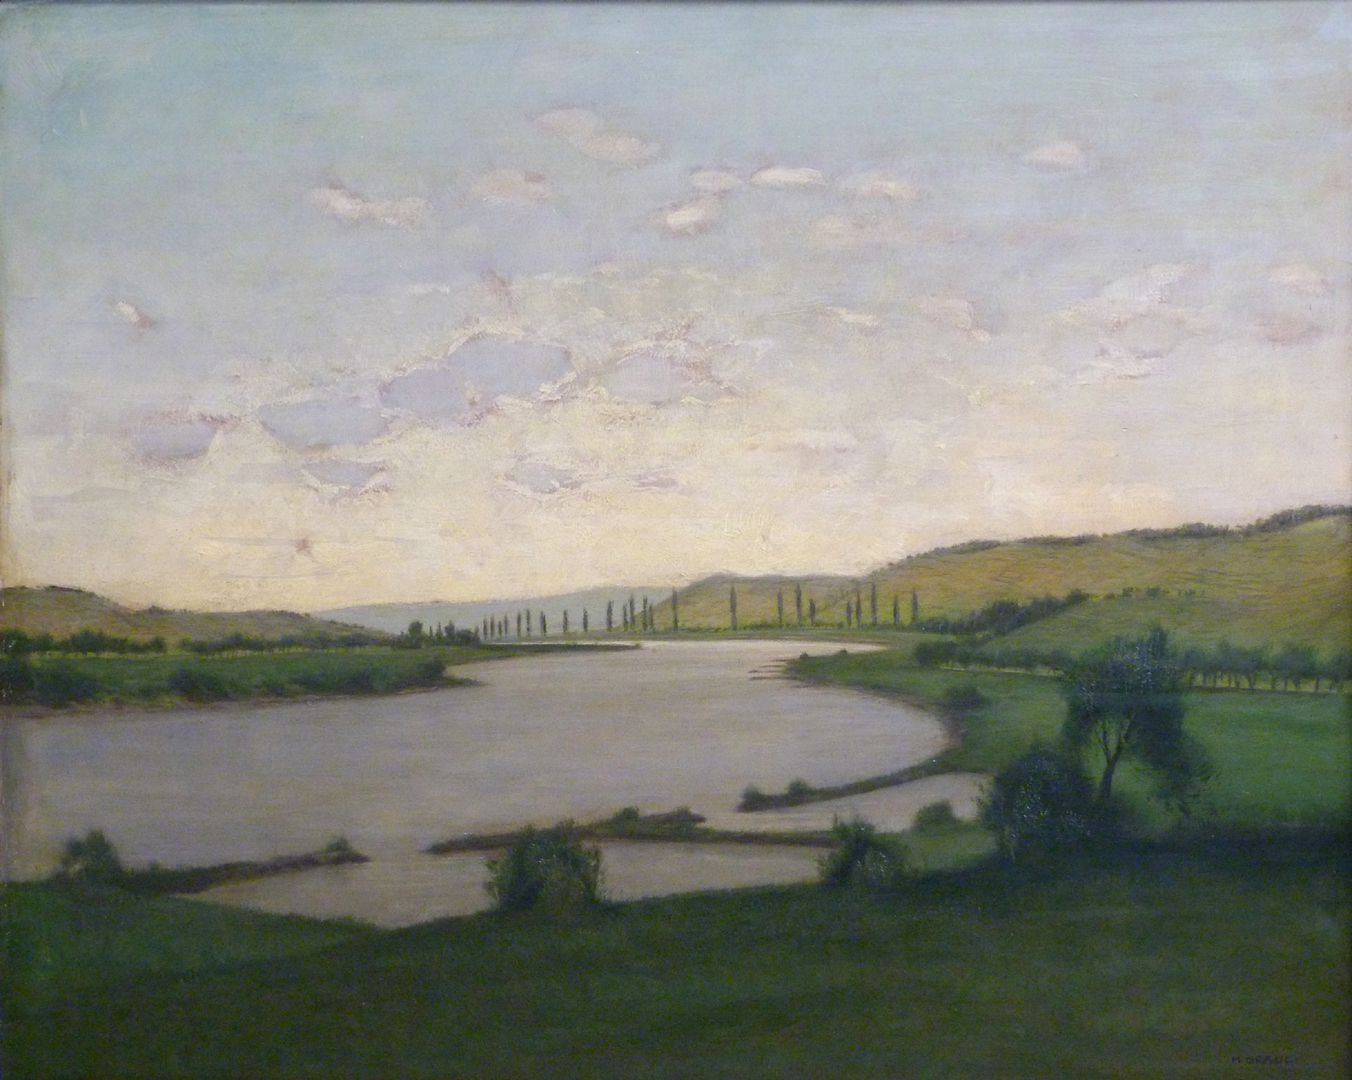 Main landscape